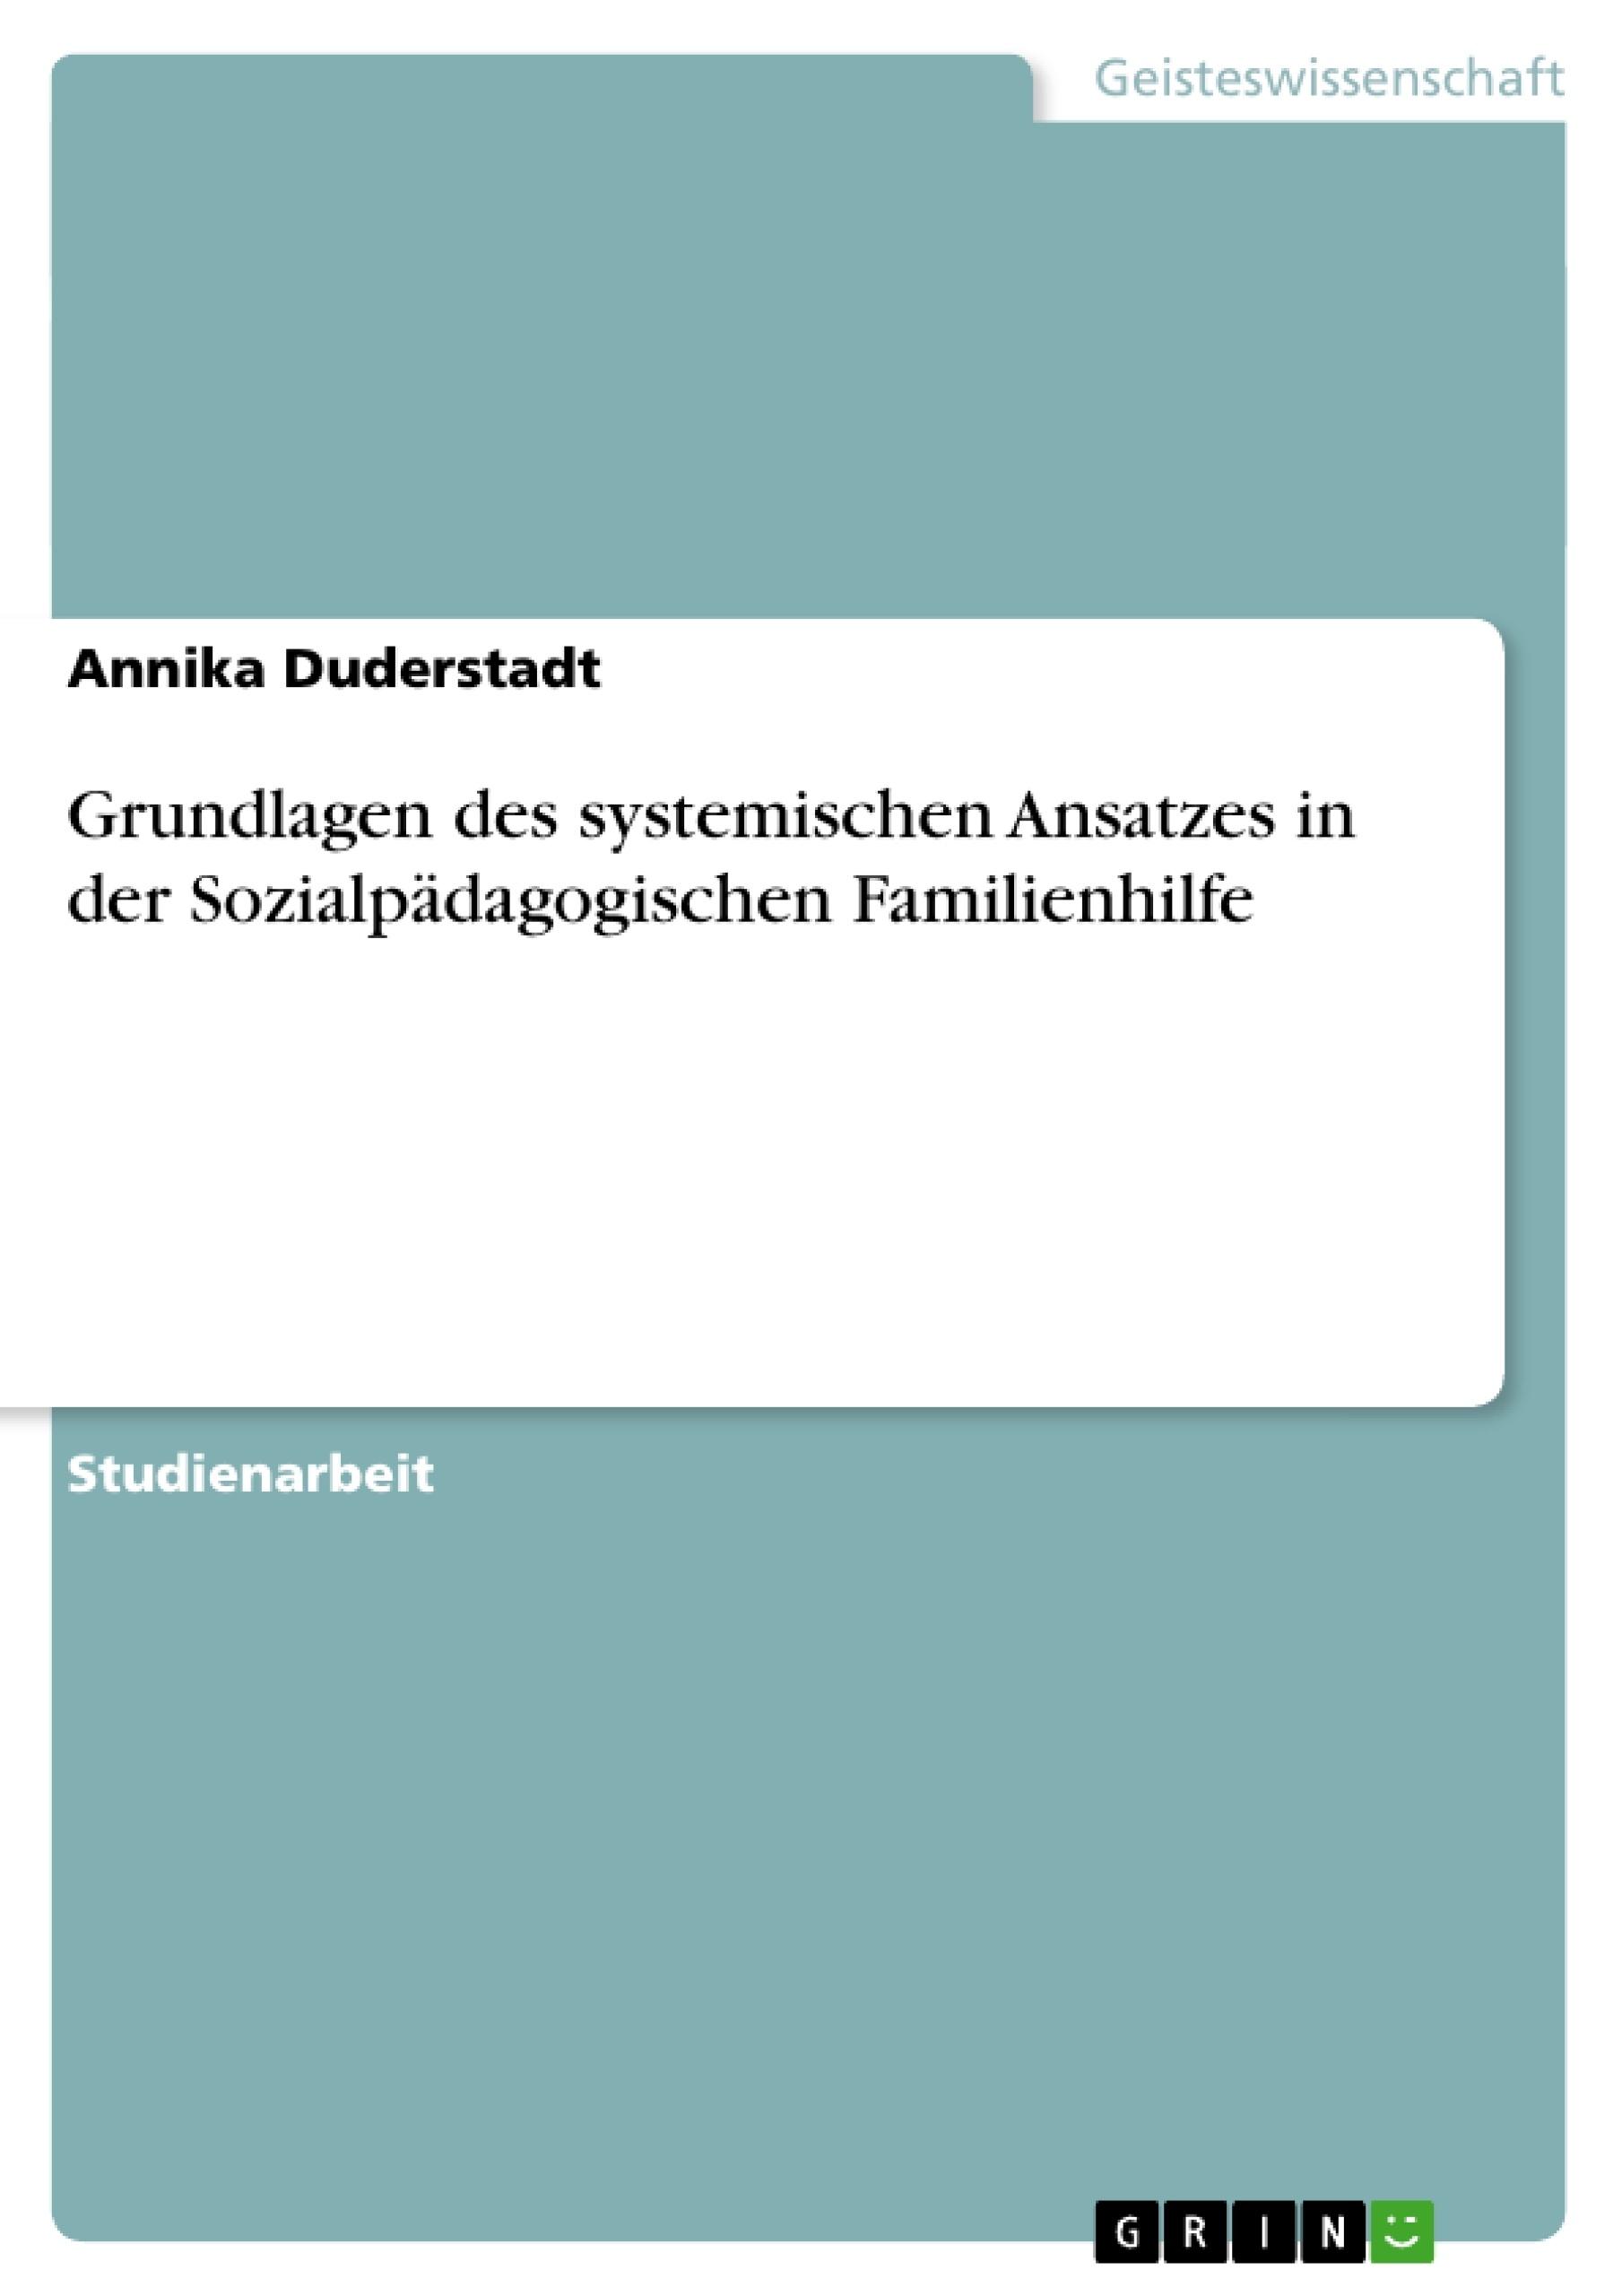 Titel: Grundlagen des systemischen Ansatzes in der Sozialpädagogischen Familienhilfe